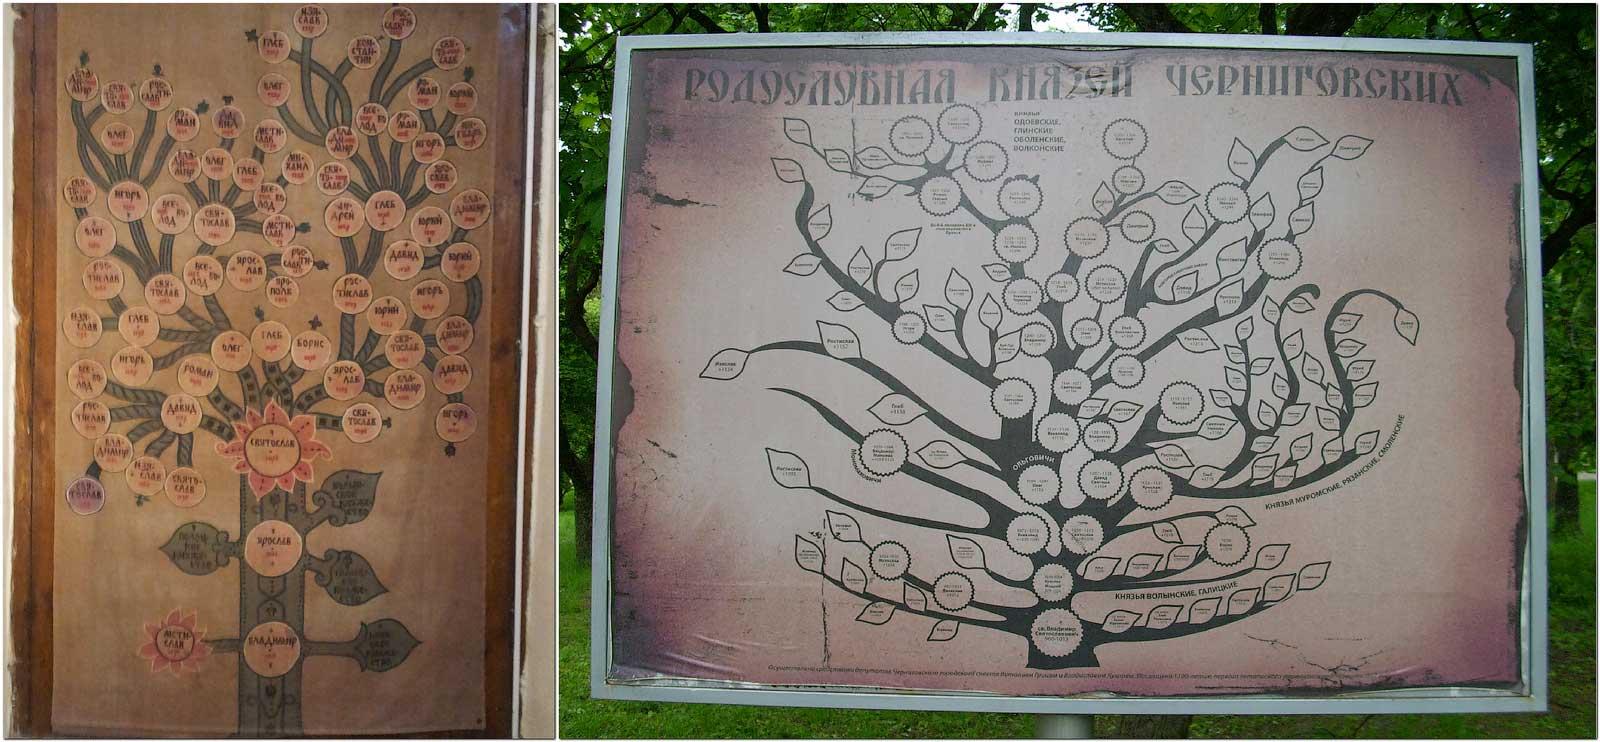 Родовое Дерево из музея и «бигборд» перед церковью.